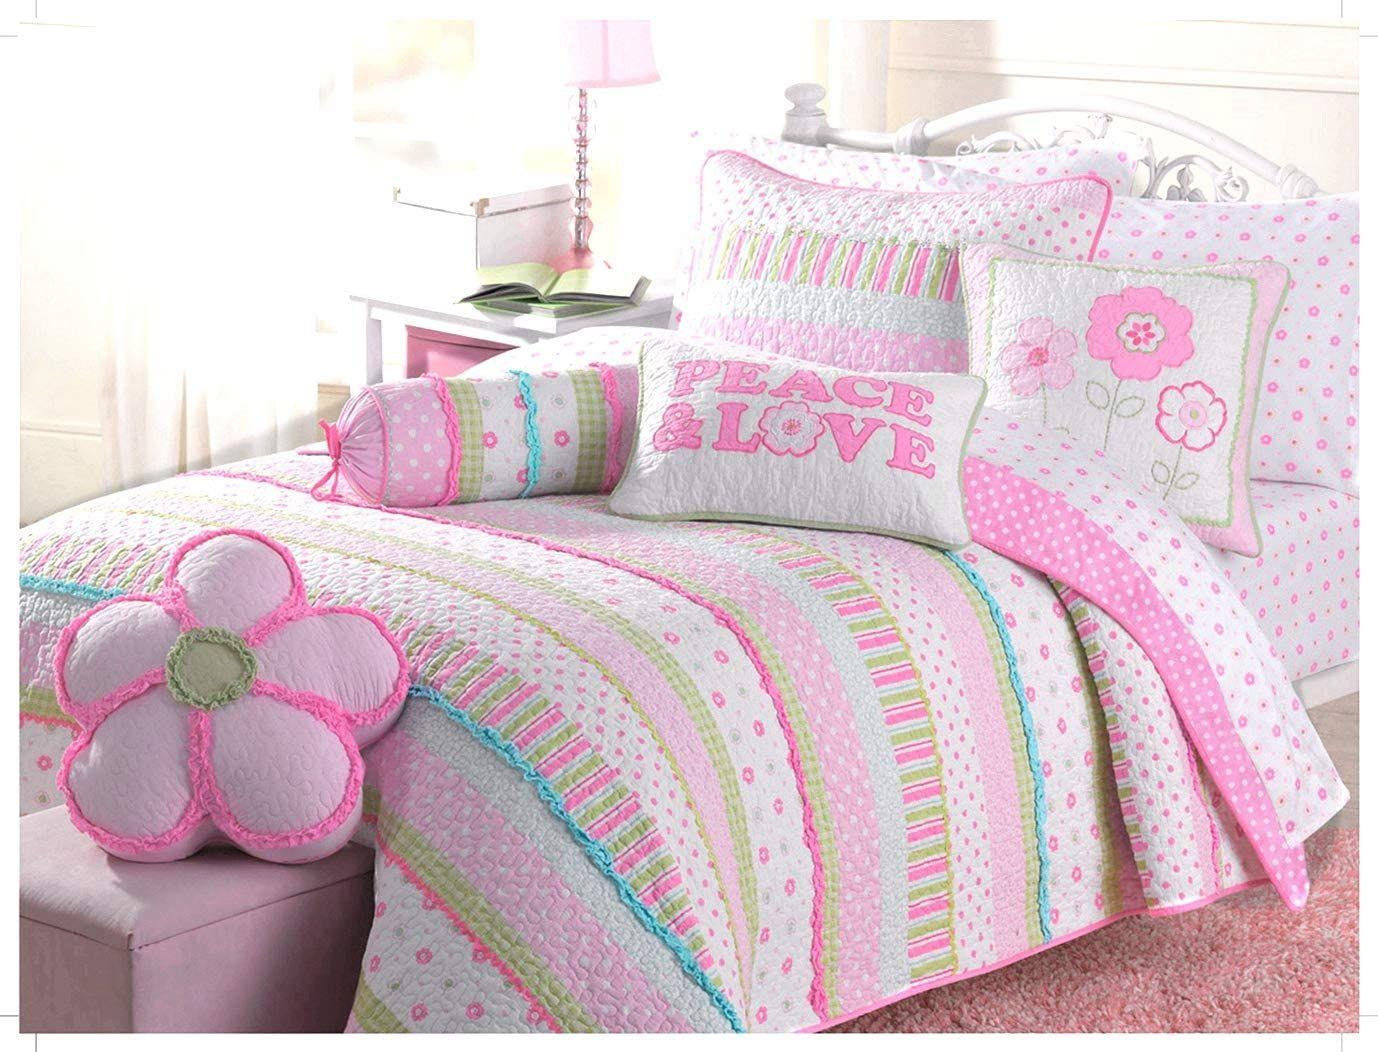 6 Piece Quilt Bedding Set In 2020 Quilt Sets Bedding Green Bedding Green Bedding Set